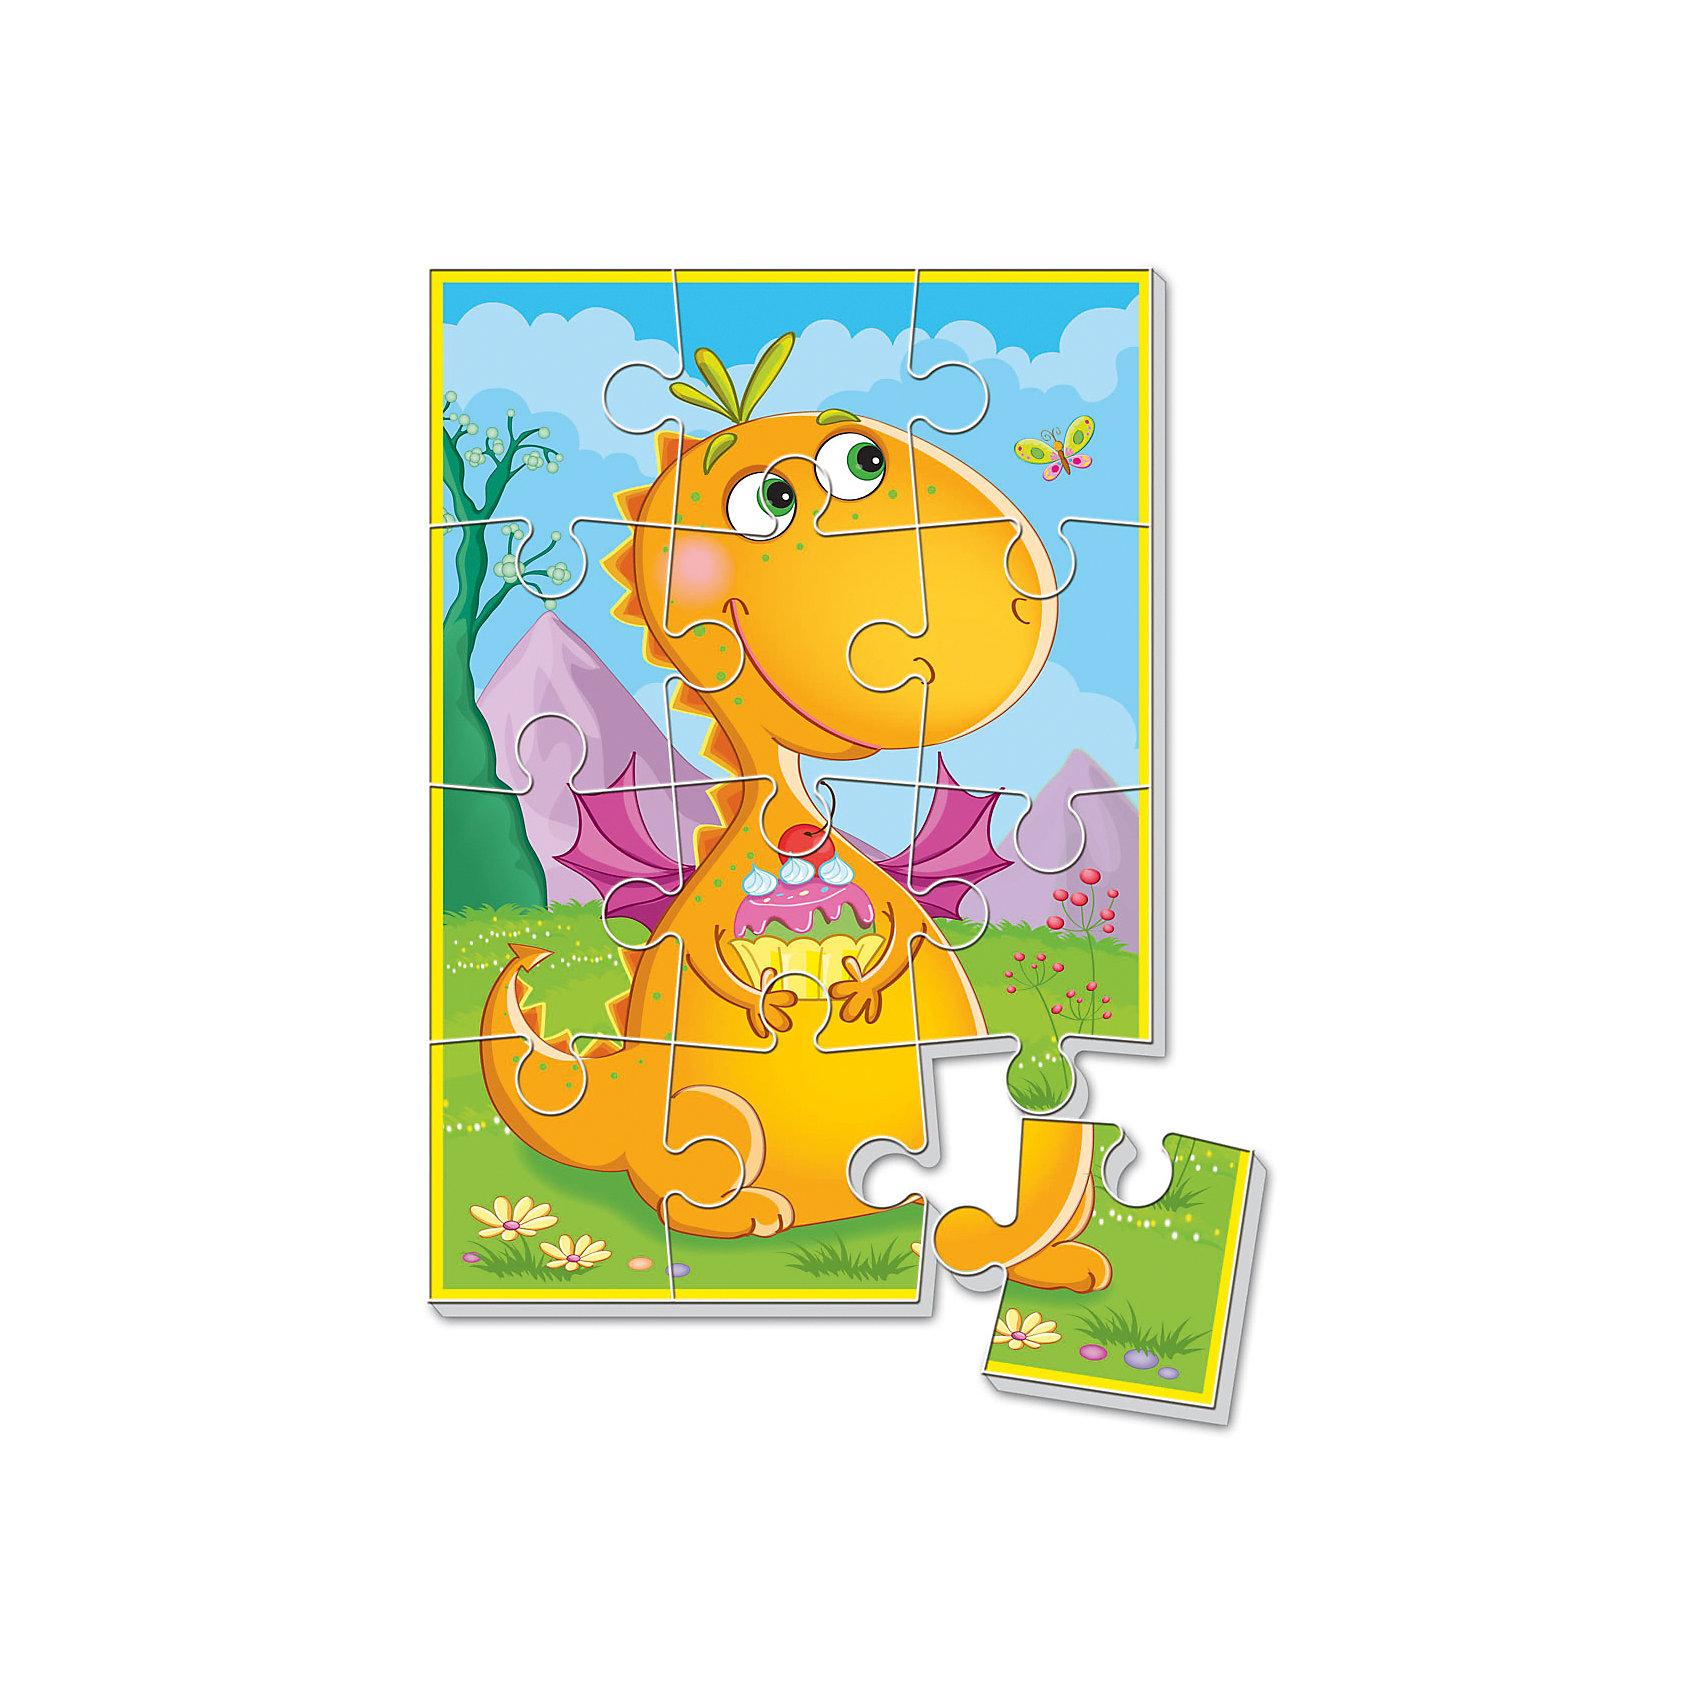 Мягкие пазлы А5 Динозаврик с пирожным, Динозаврики, Vladi ToysМягкие пазлы<br>Характеристики:<br><br>• Вид игр: развивающие<br>• Серия: пазлы-картинки<br>• Пол: универсальный<br>• Материал: полимер, картон<br>• Цвет: оранжевый, розовый, голубой, зеленый, сиреневый и др.<br>• Комплектация: 1 пазл из 12-ти элементов<br>• Размеры (Д*Ш*В): 18*4*28,5 см<br>• Тип упаковки: картонная коробка<br>• Вес: 21 г<br><br>Мягкие пазлы А5 Динозаврик с пирожным, Динозаврики, Vladi Toys, производителем которых является компания, специализирующаяся на выпуске развивающих игр, давно уже стали популярными среди аналогичной продукции. Мягкие пазлы – идеальное решение для развивающих занятий с самыми маленькими детьми, так как они разделены на большие элементы с крупными изображениями, чаще всего в качестве картинок используются герои популярных мультсериалов. Самое важное в пазле для малышей – это минимум деталей и безопасность элементов. Все используемые в производстве материалы являются экологически безопасными, не вызывают аллергии, не имеют запаха. Пазл Динозаврик с пирожным, Динозаврики, Vladi Toys, представляет собой сюжетную картинку размером А5, которая состоит из 12-и крупных элементов с изображением милого динозаврика. <br>Занятия с мягкими пазлами от Vladi Toys способствуют развитию не только мелкой моторики, но и внимательности, усидчивости, терпению при достижении цели. Кроме того, по собранной картинке можно составлять рассказ, что позволит развивать речевые навыки, память и воображение.<br><br>Мягкие пазлы А5 Динозаврик с пирожным, Динозаврики, Vladi Toys, можно купить в нашем интернет-магазине.<br><br>Ширина мм: 180<br>Глубина мм: 4<br>Высота мм: 285<br>Вес г: 21<br>Возраст от месяцев: 24<br>Возраст до месяцев: 60<br>Пол: Унисекс<br>Возраст: Детский<br>SKU: 5136077